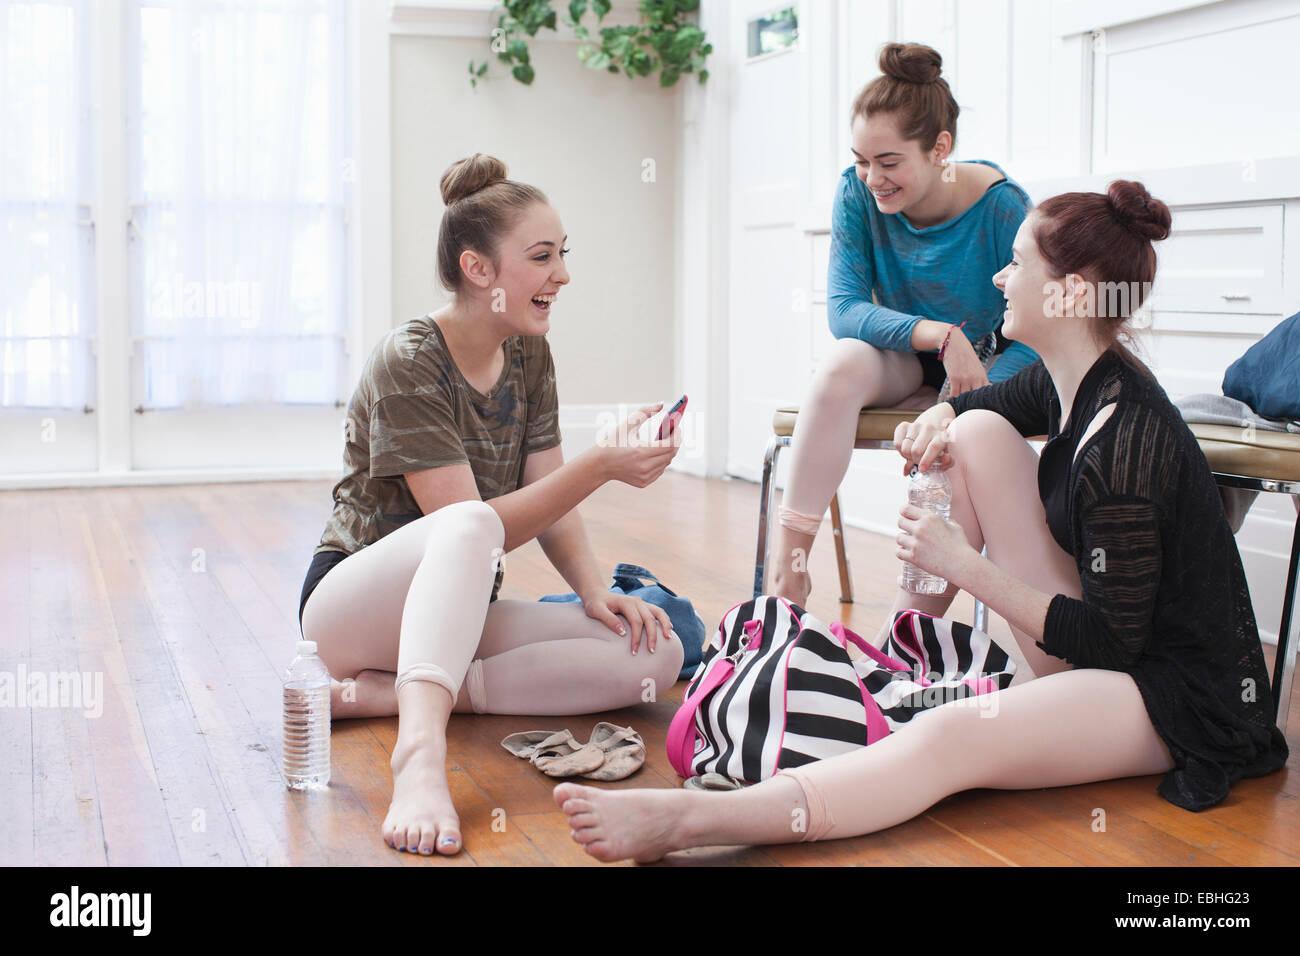 Tres chicas adolescentes conversando y riendo en ballet school Imagen De Stock